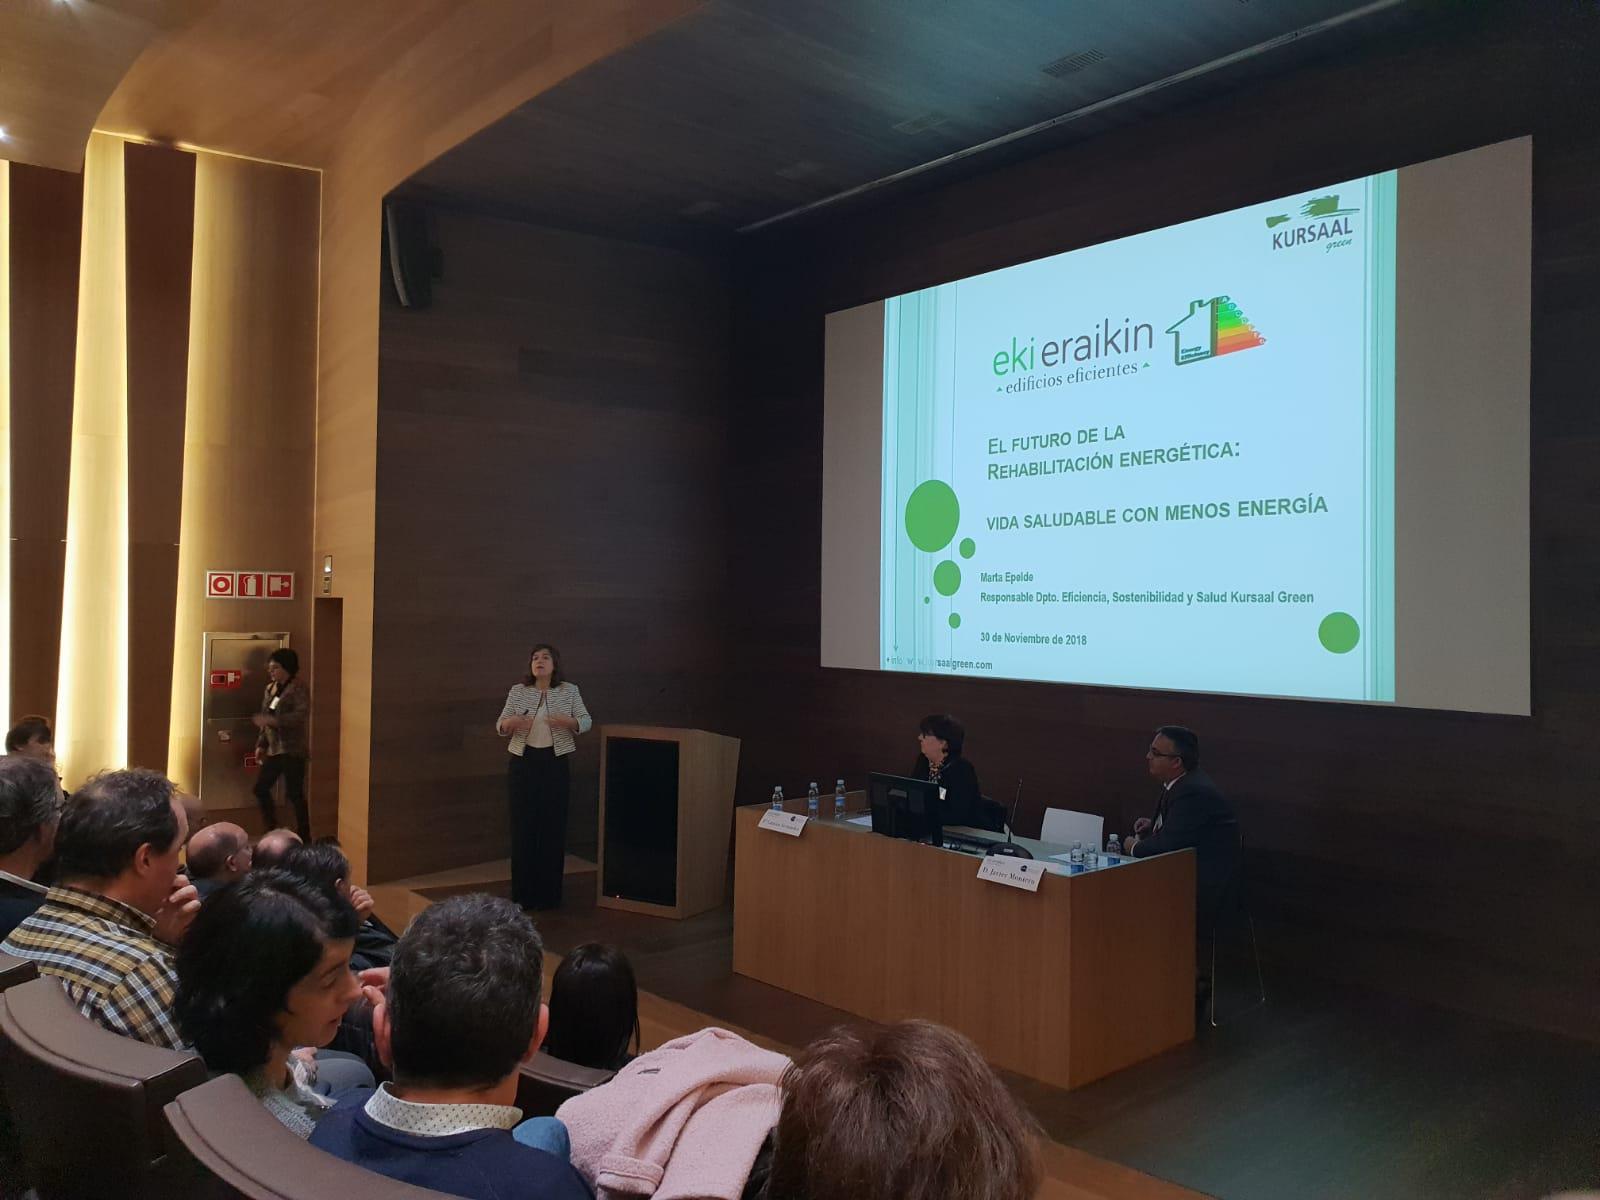 foto noticia: Impartimos ponencia en el I Encuentro Ekieraikin organizado por CAFGUIAL